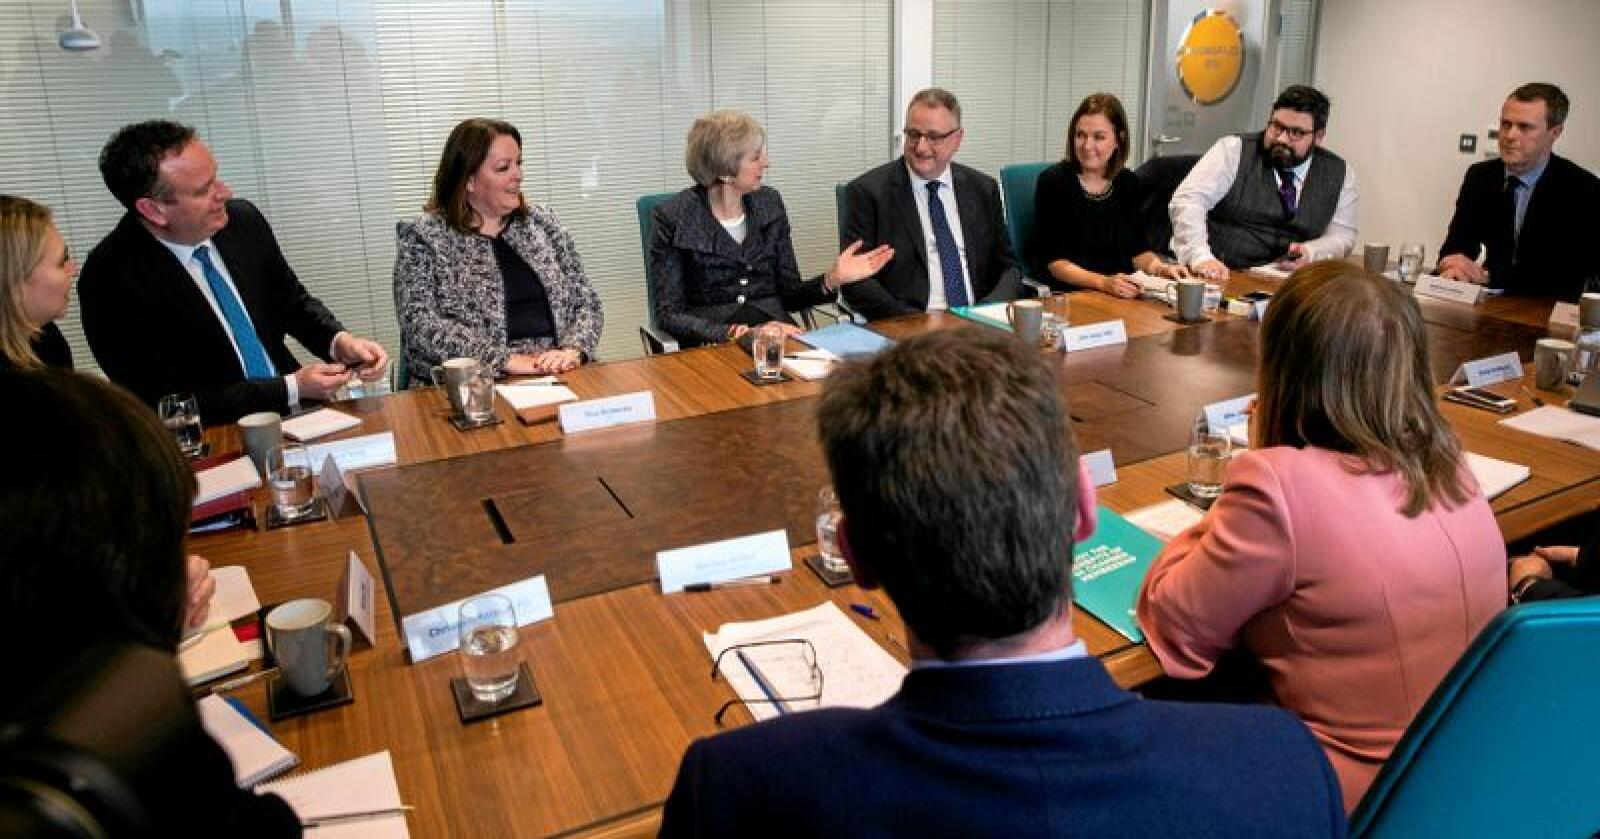 Tirsdag besøkte Storbritannias statsminister Theresa May Belfast i Nord-Irland, og møtte blant annet næringslivsledere. Foto: Liam McBurney / PA / AP / NTB scanpix